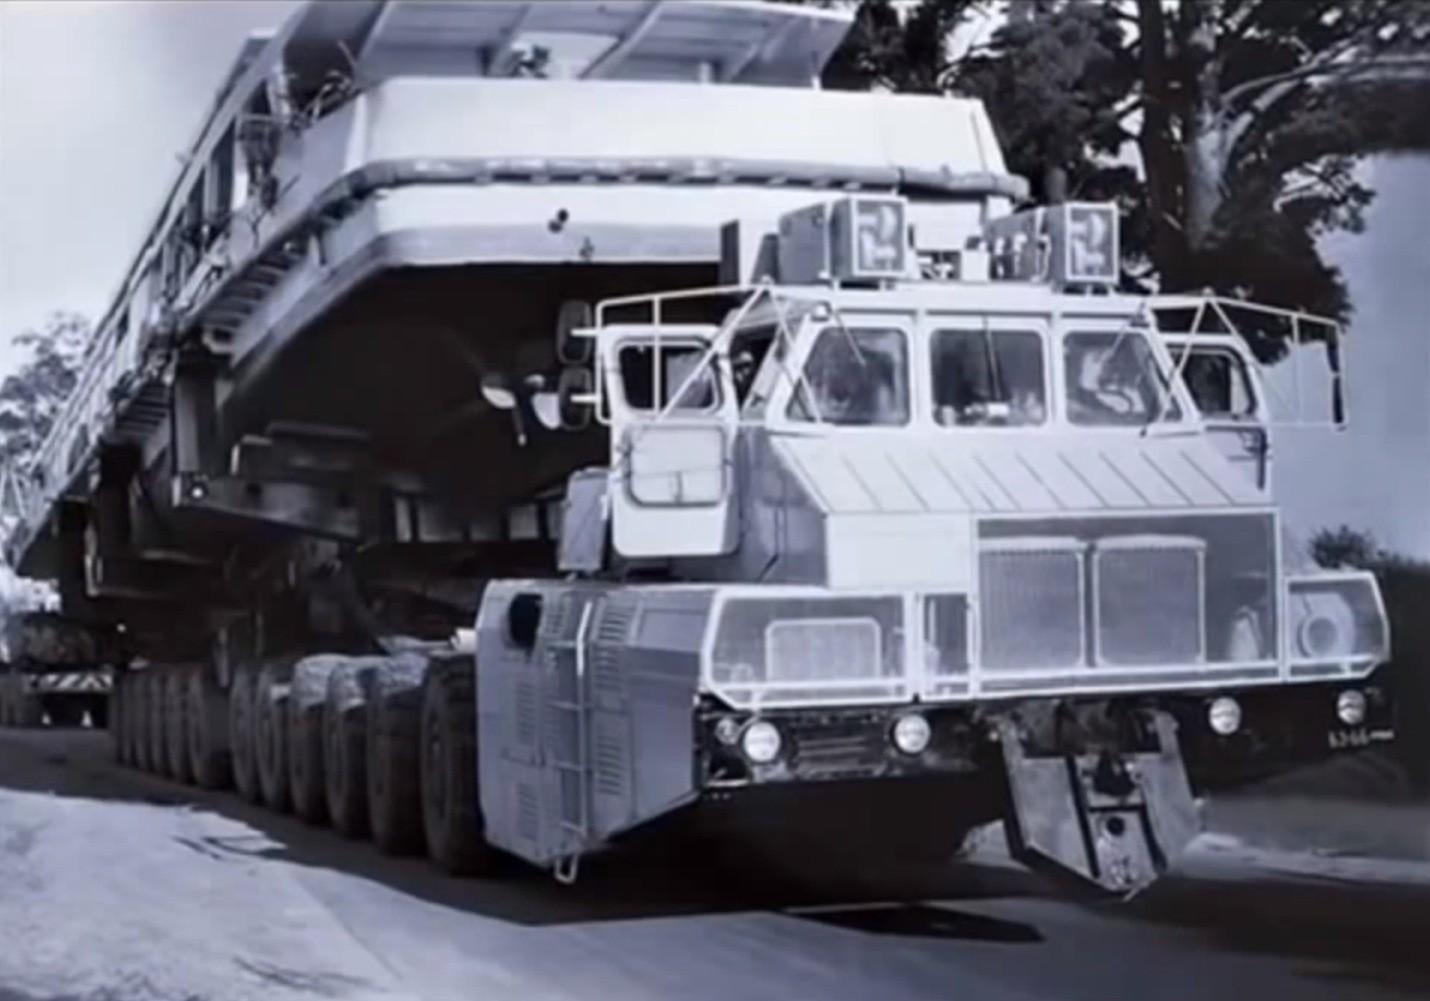 Snakker man om trucks med gassturbin, kan det være greit å nevne den ufattelig enorme MAZ-7907 fra 1985, som russerne bygde for å frakte den nye RT-23 atombomberaketten. Raketten veide over 100 tonn, så trucken ble 28 meter lang og 4 meter bred for å klare jobben, og hadde to gassturbinmotorer som genererte strøm til 24 elmotorer som drev hvert sitt hjul.